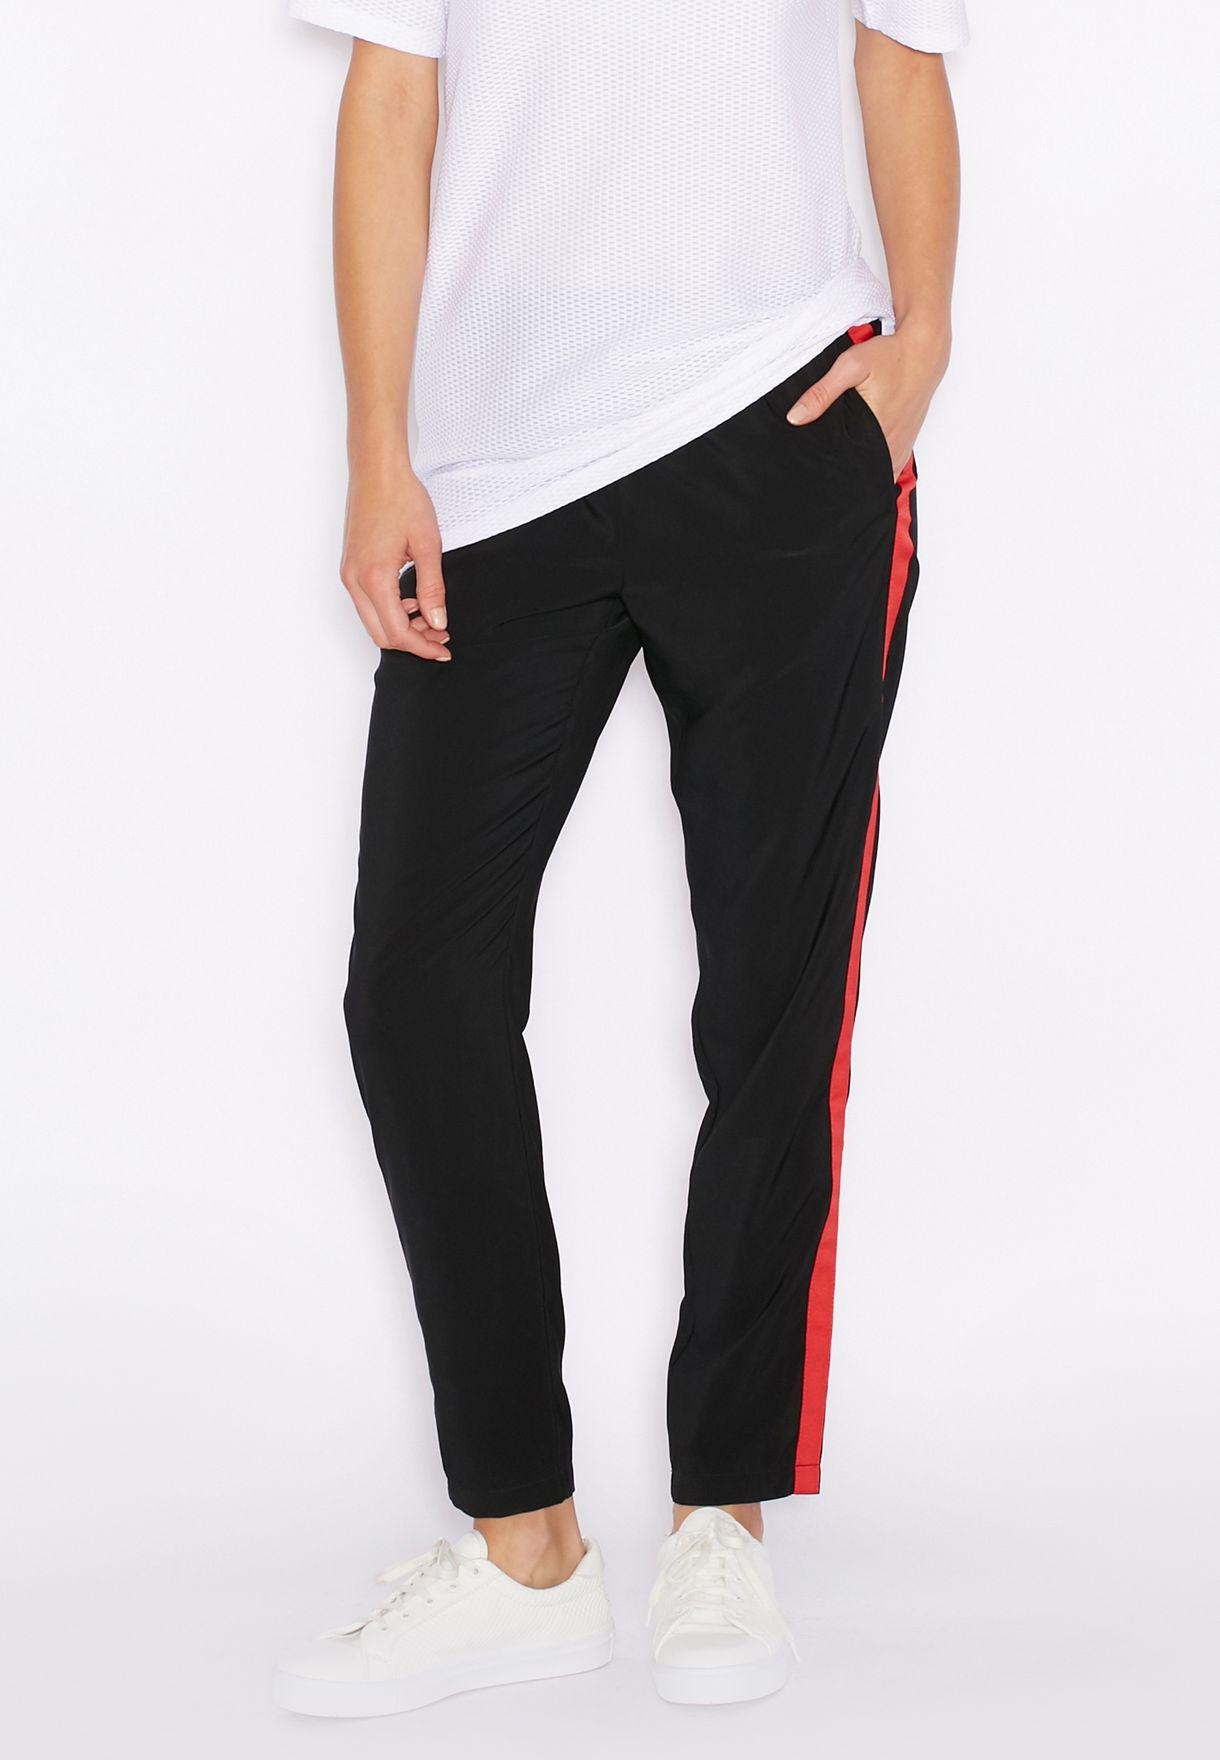 dc60be8958cf45 Shop Topshop black Side Striped Jogger Pants 16N14JBLK for Women in ...